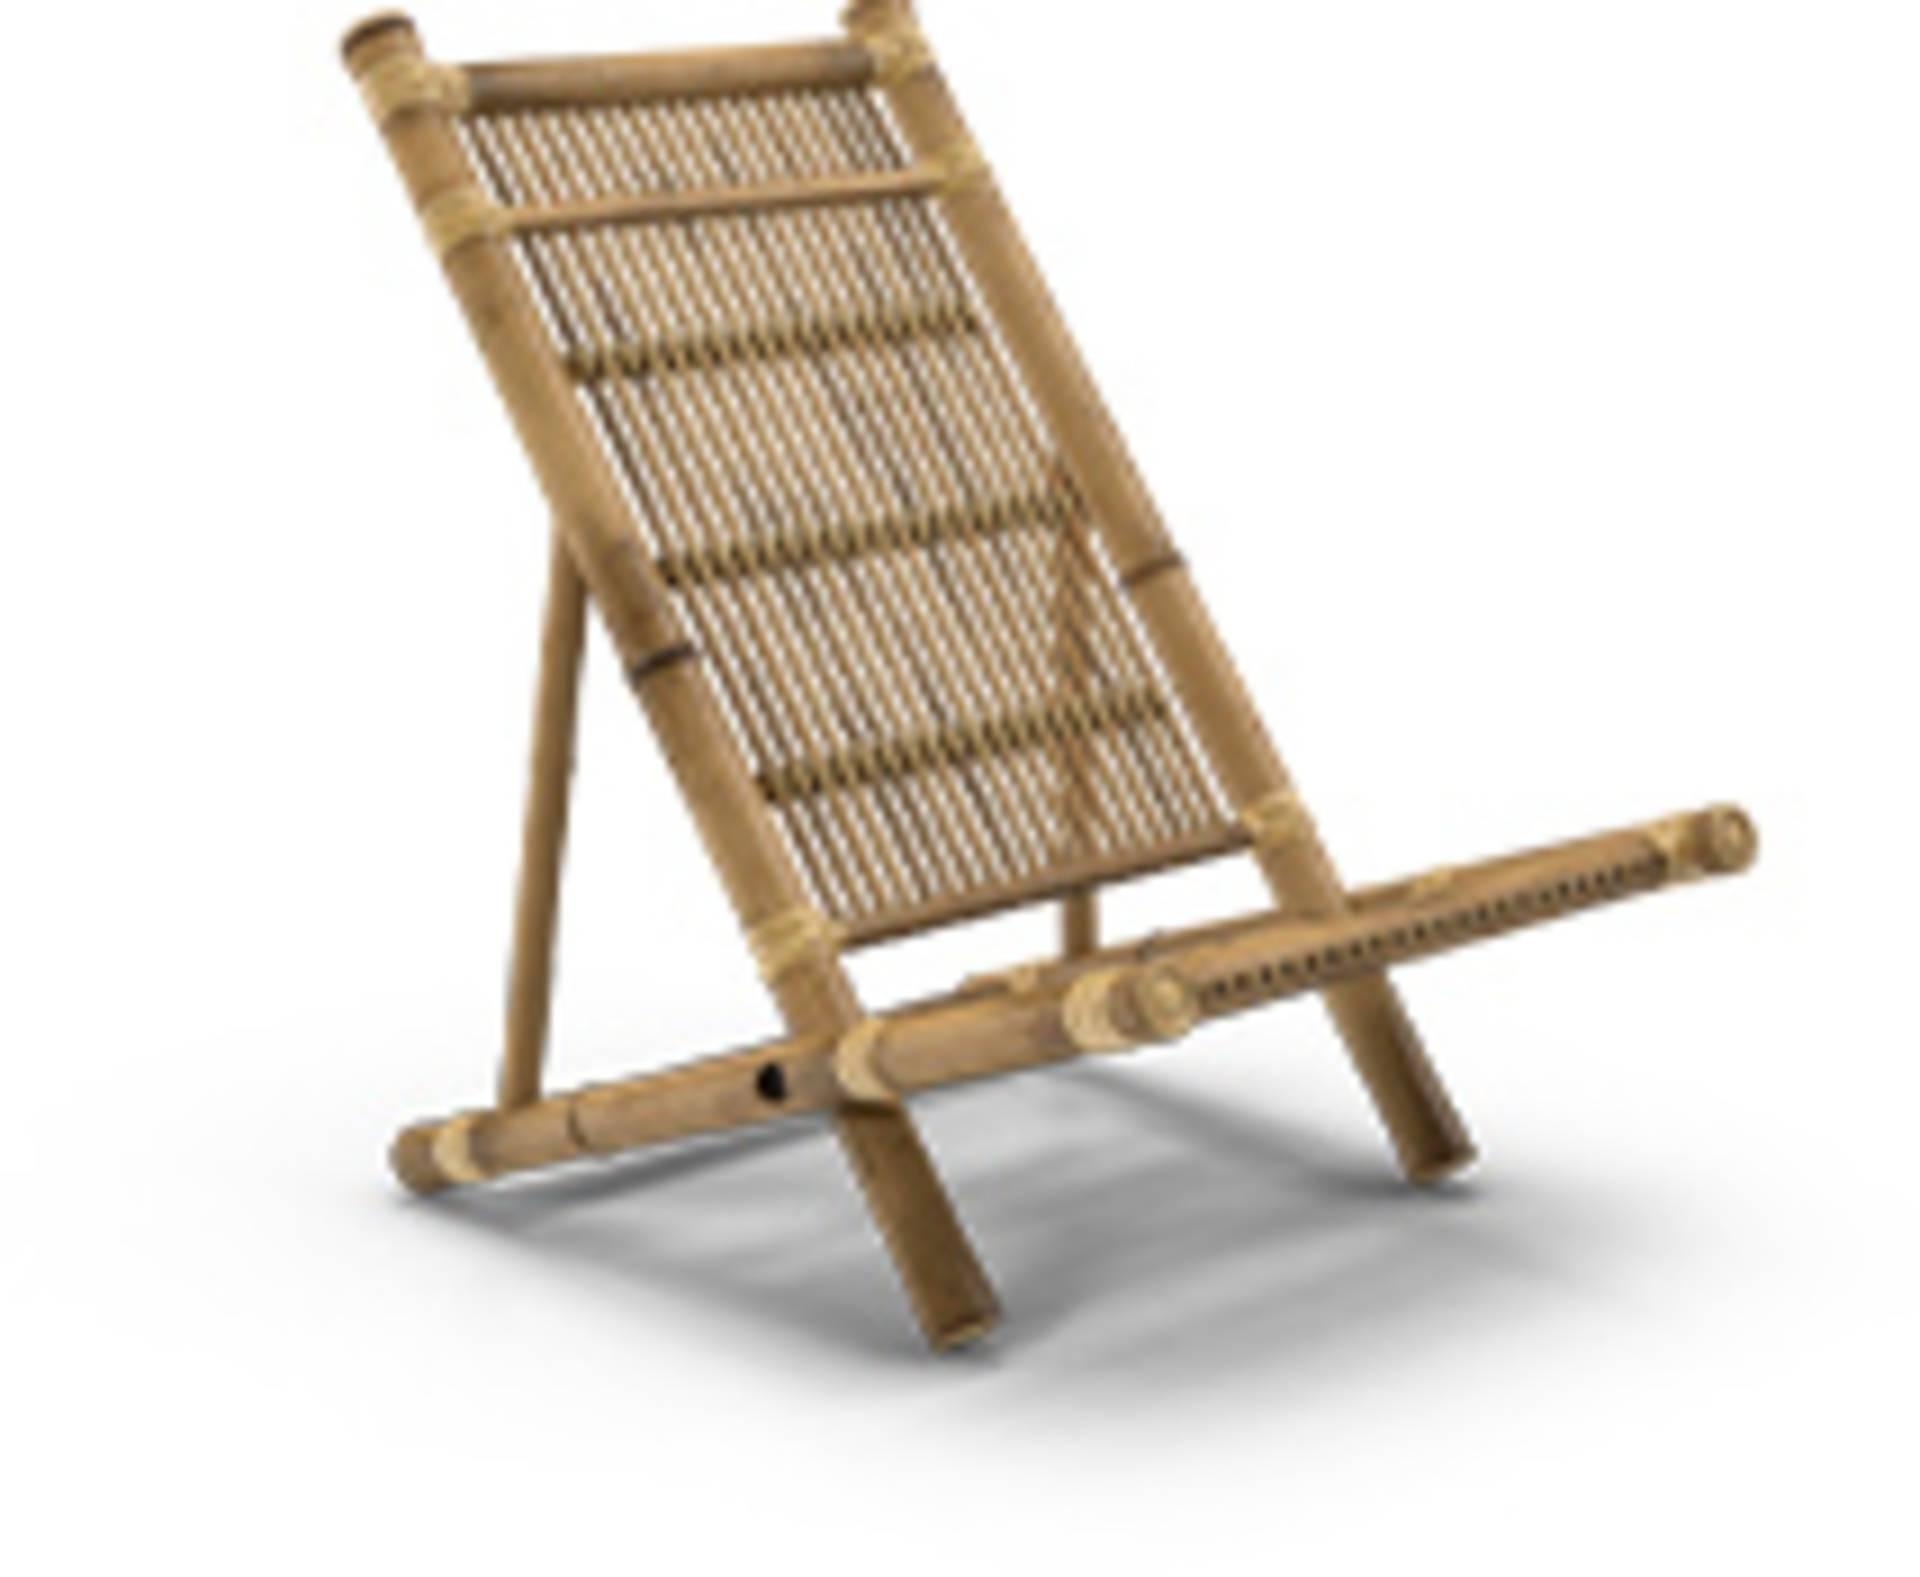 תמונה של כיסא מעץ רז רהיטים מעוצבים